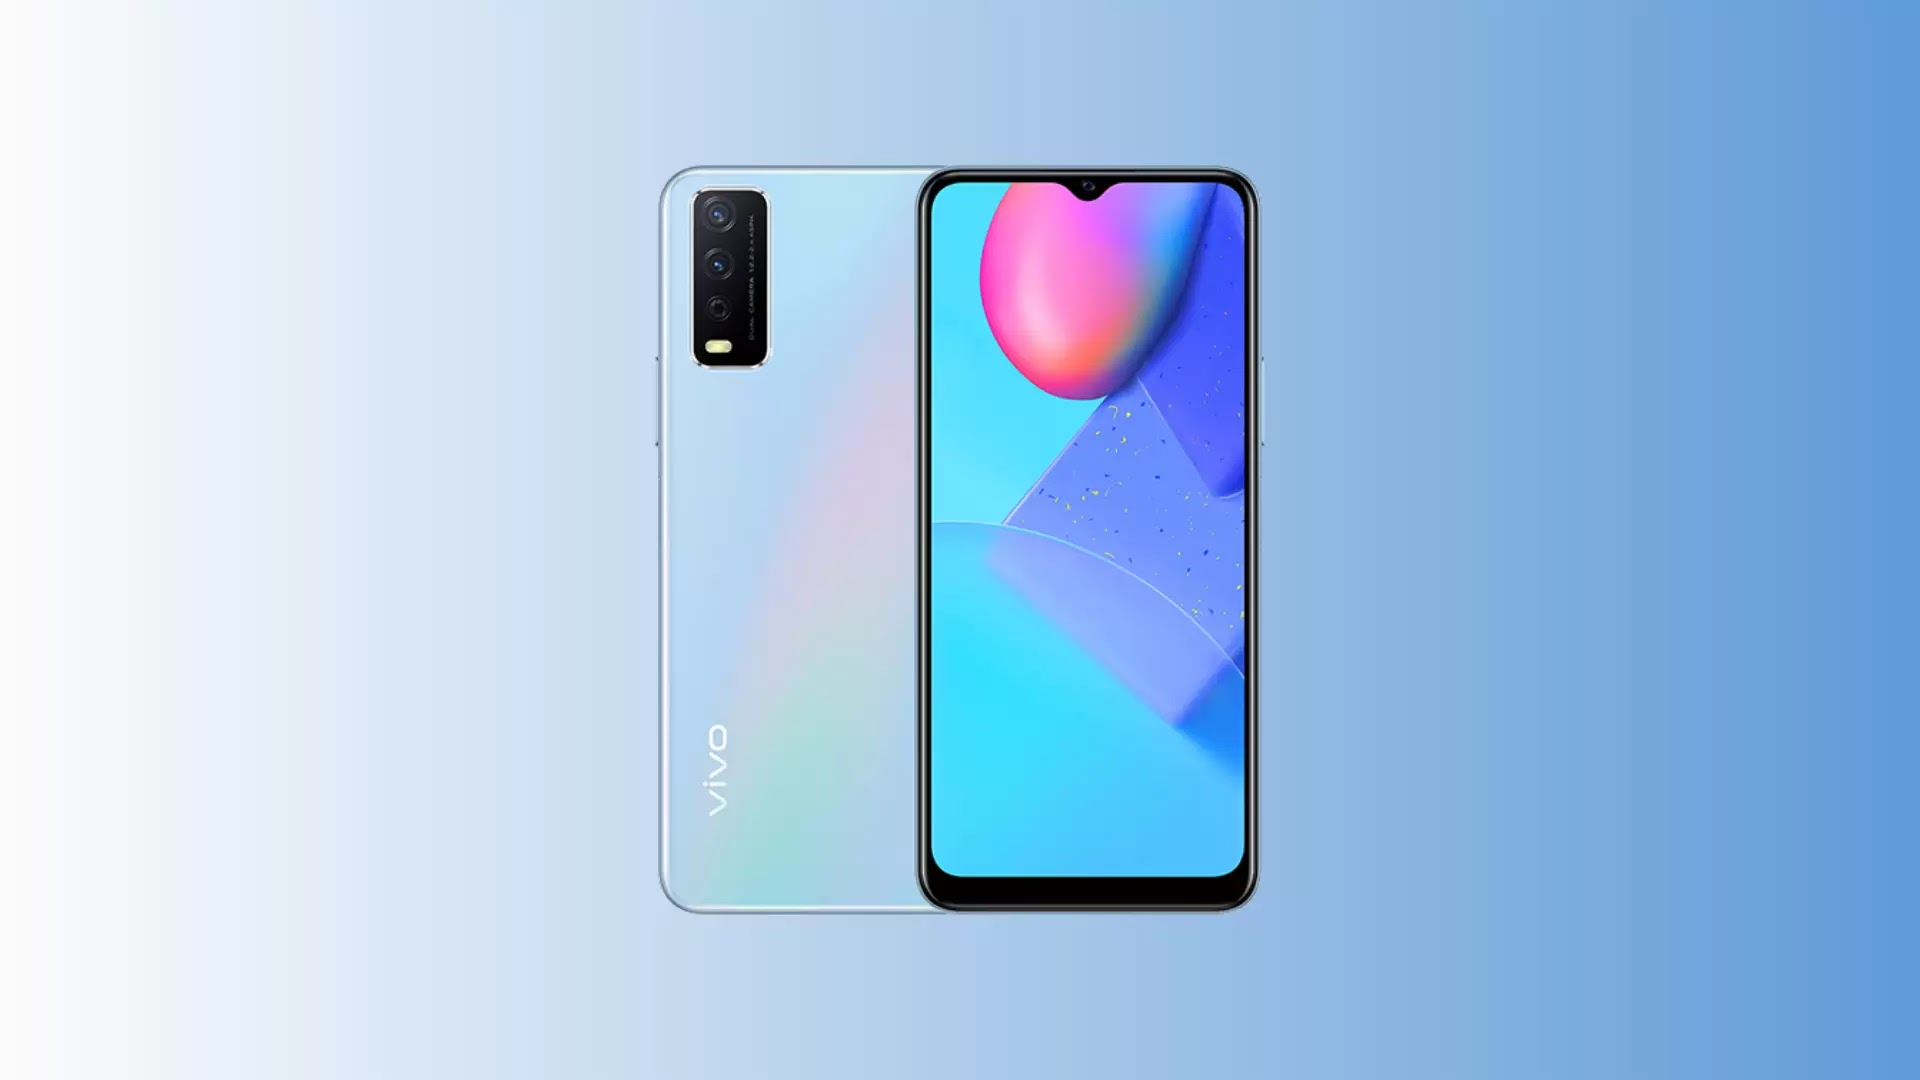 Vivo Y12s 2021 স্মার্টফোনটি হয়েছে লঞ্চ